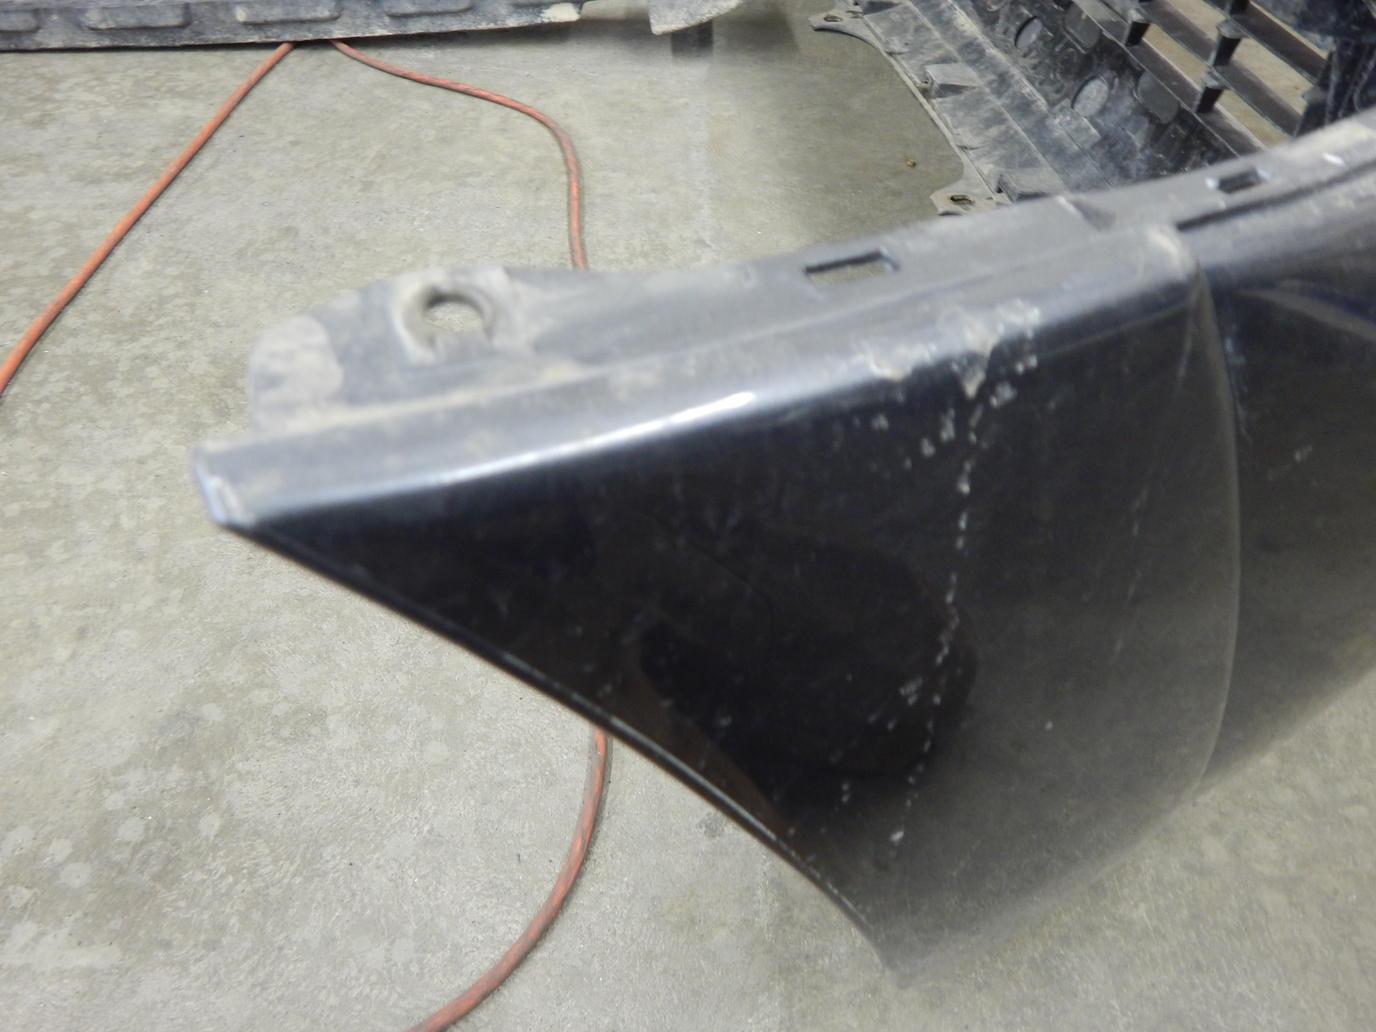 C4 FAB early 4th gen (03-05) Lo-Pro winch bumper install guide.-dscn4444-jpg